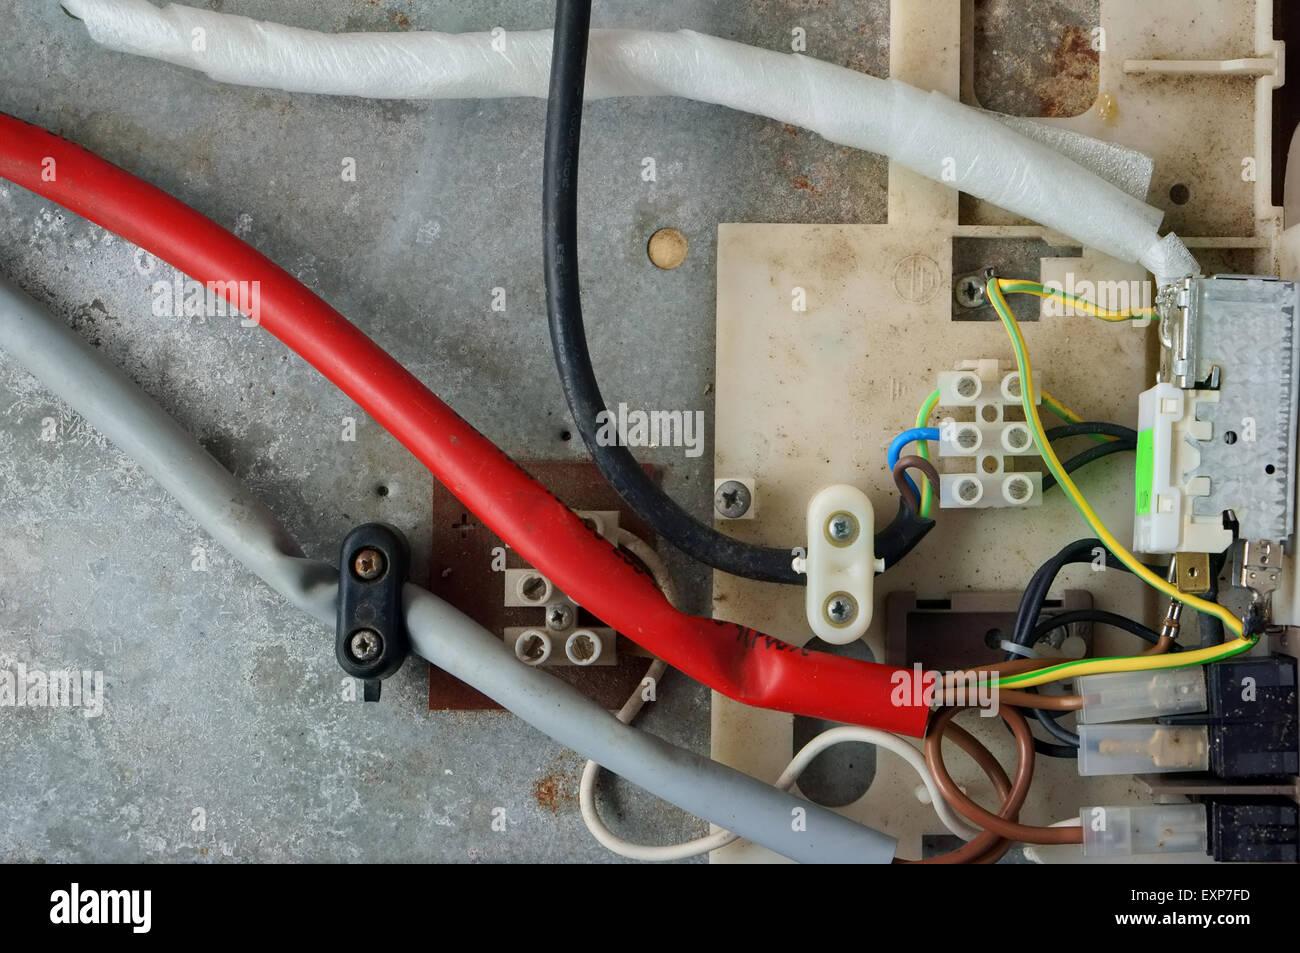 Auto Kühlschrank Kabel : Elektrische kabel von einer alten retro oldtimer kühlschrank sind